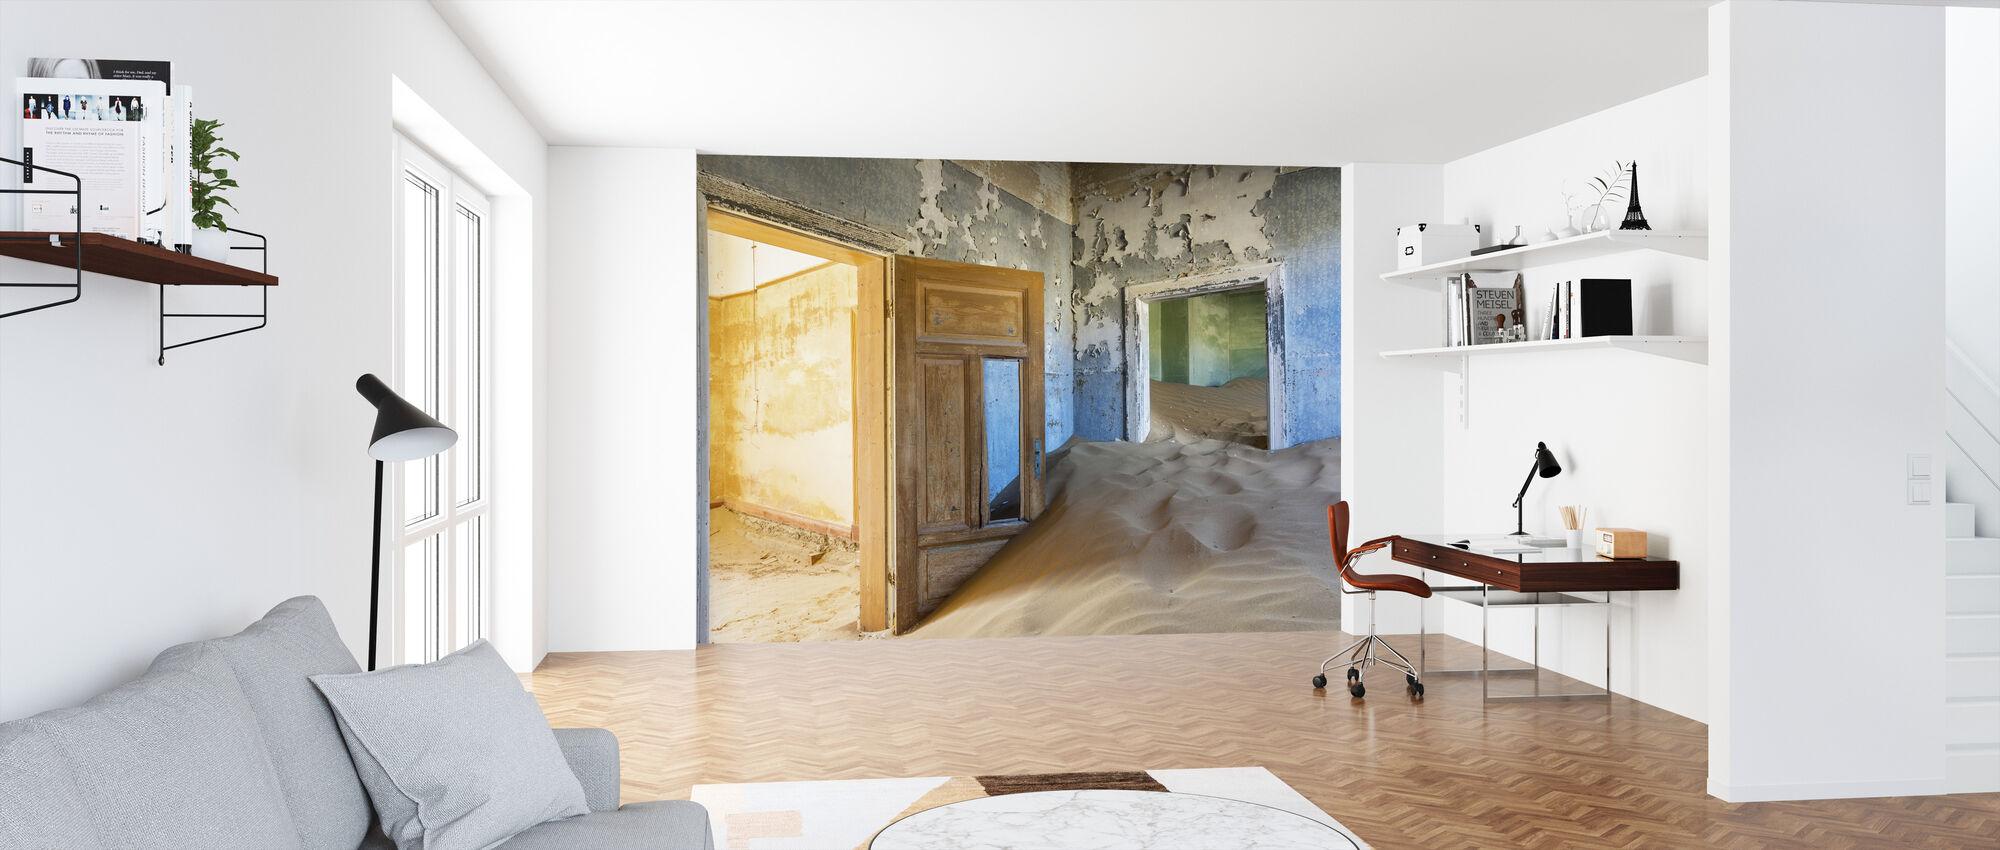 Vanish into Oblivion - Wallpaper - Office